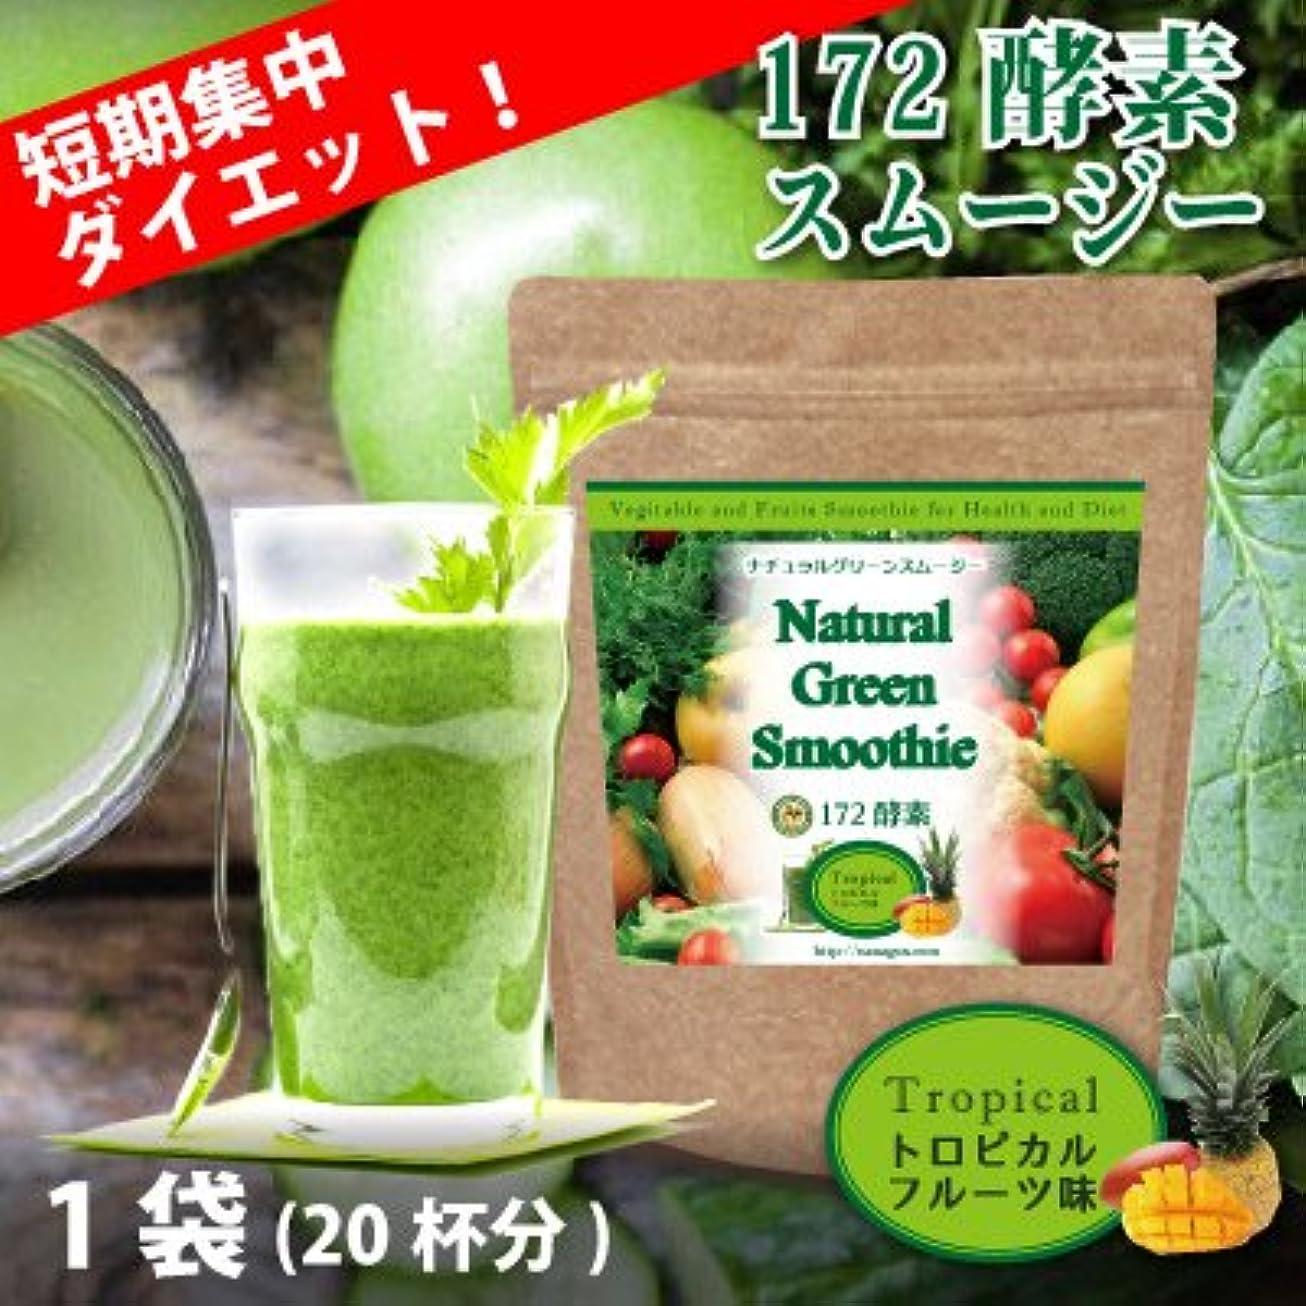 不名誉にびっくりする【ダイエット】越中ななごん堂のナチュラルグリーンスムージー 置換え 172酵素 200g